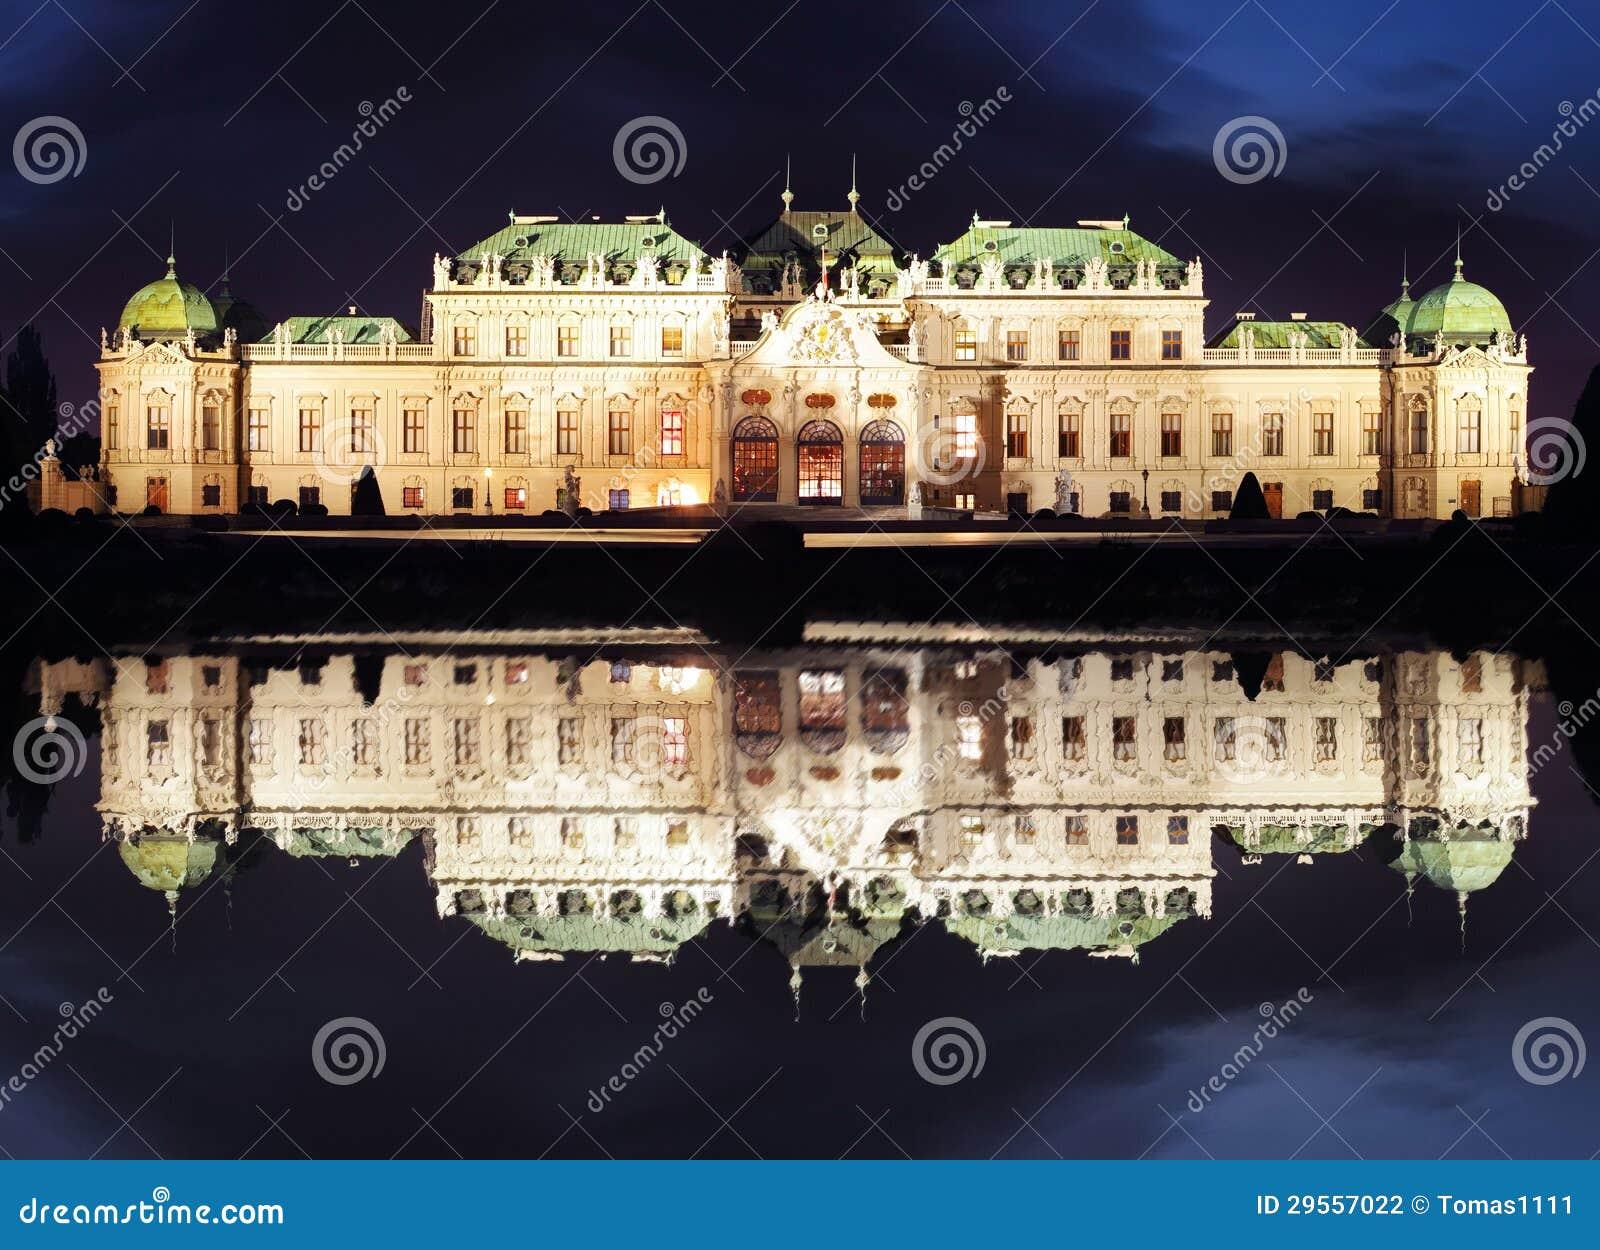 维也纳在晚上-眺望楼宫殿,奥地利